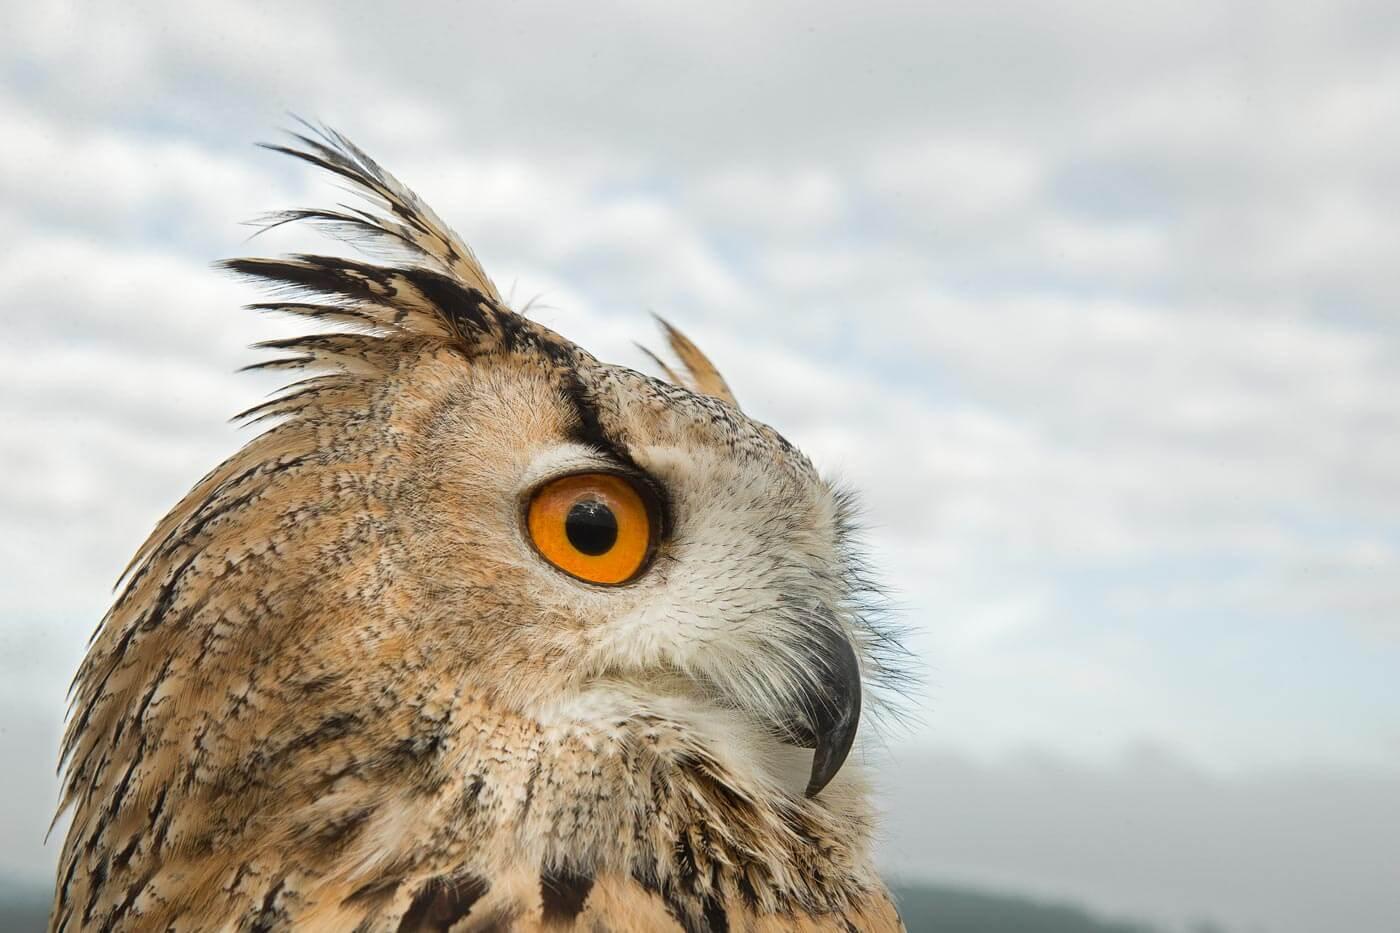 Bengal Owl close-up head portrait